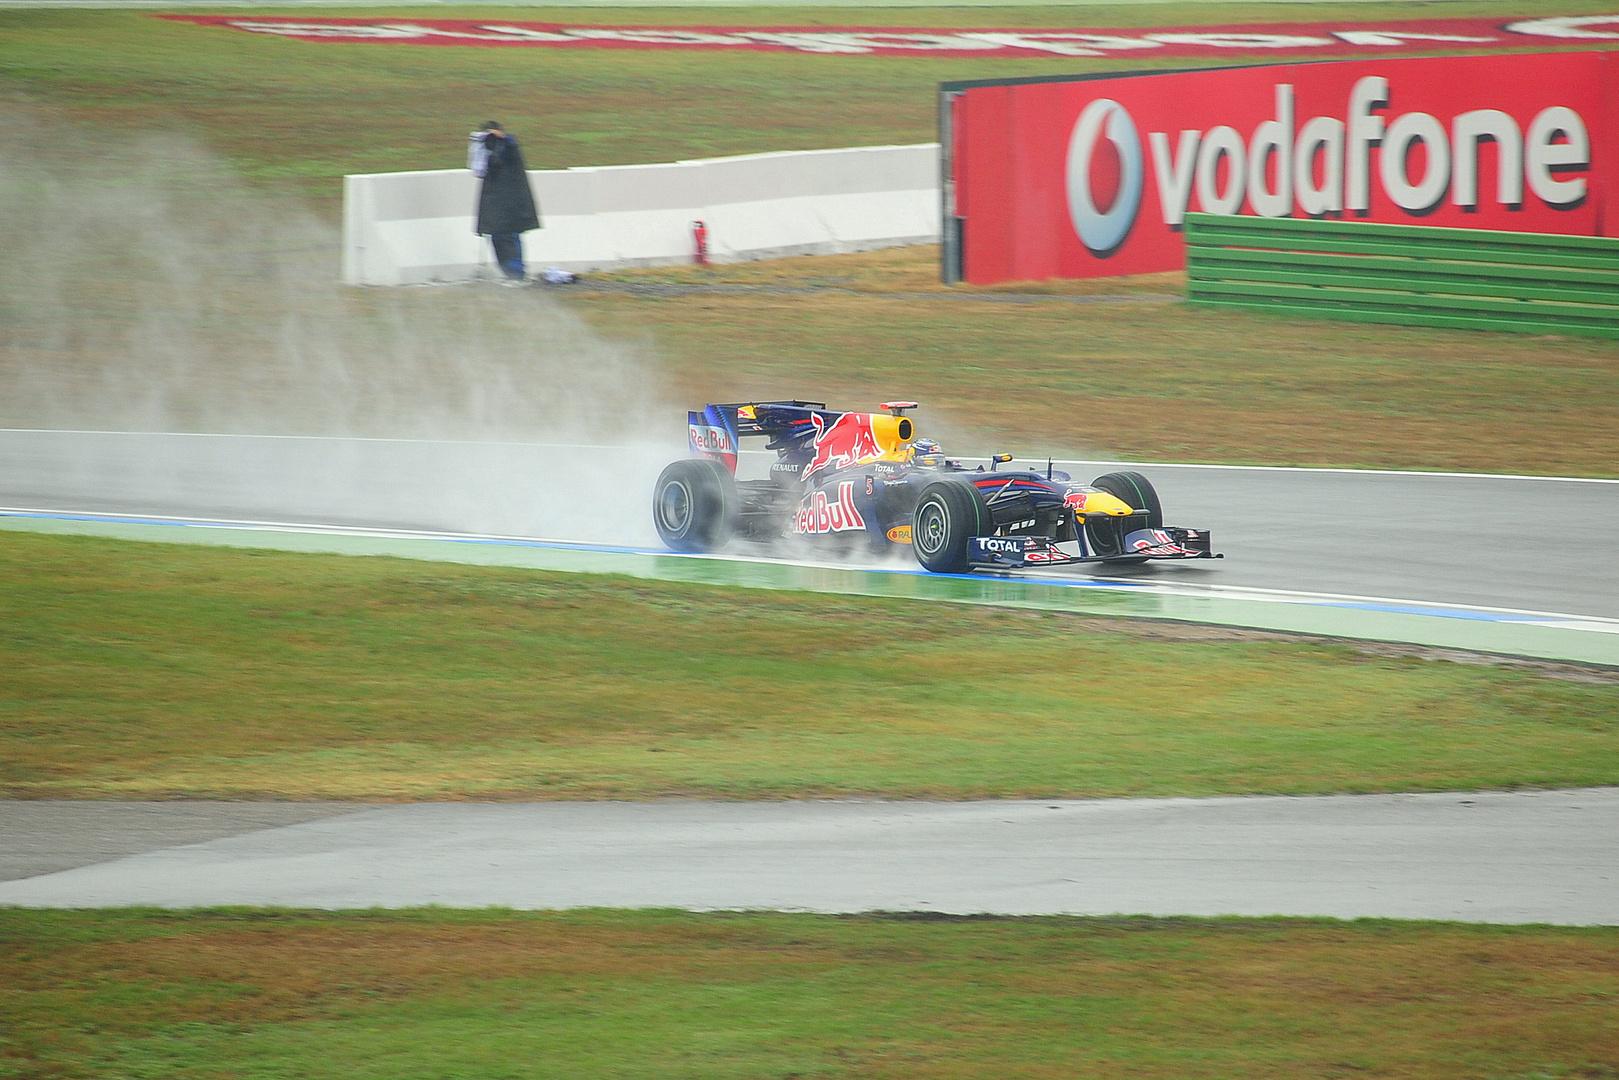 Hockenheimring 2010 (4)